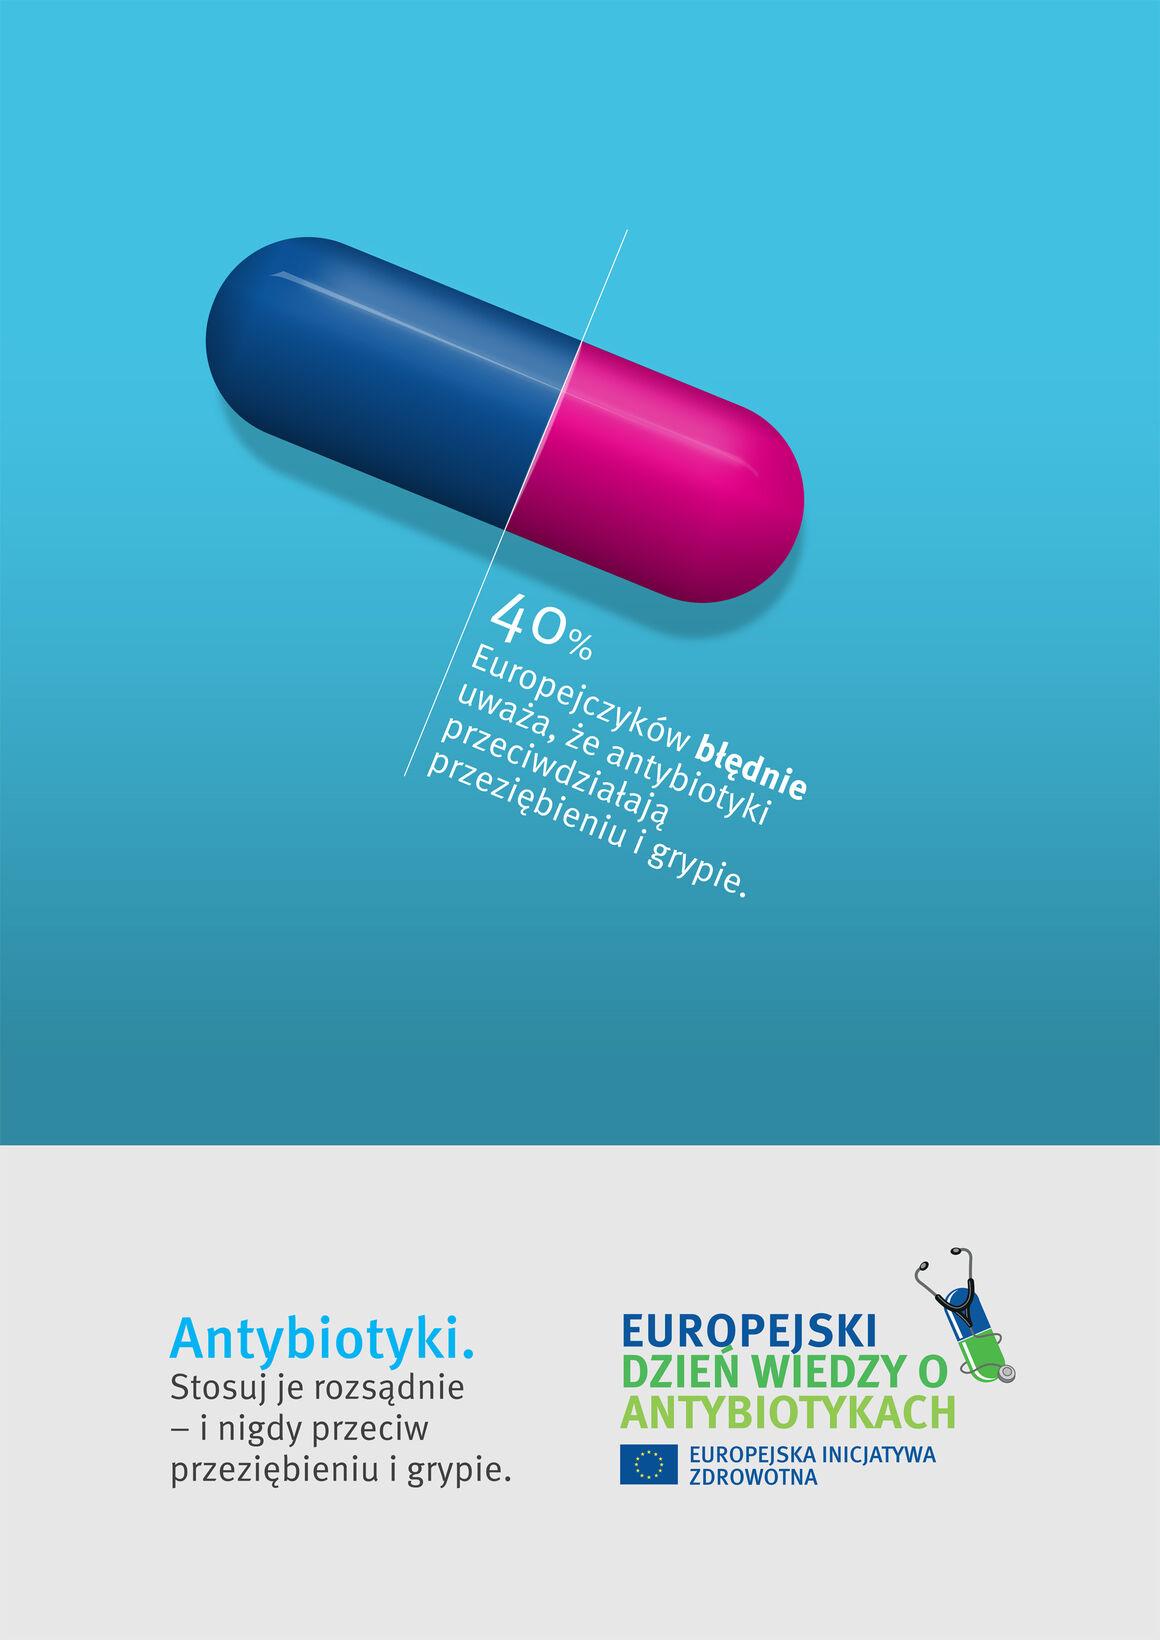 Plakat: Antybiotyki. Stosuj je rozsądnie – i nigdy przeciw przeziębieniu i grypie.